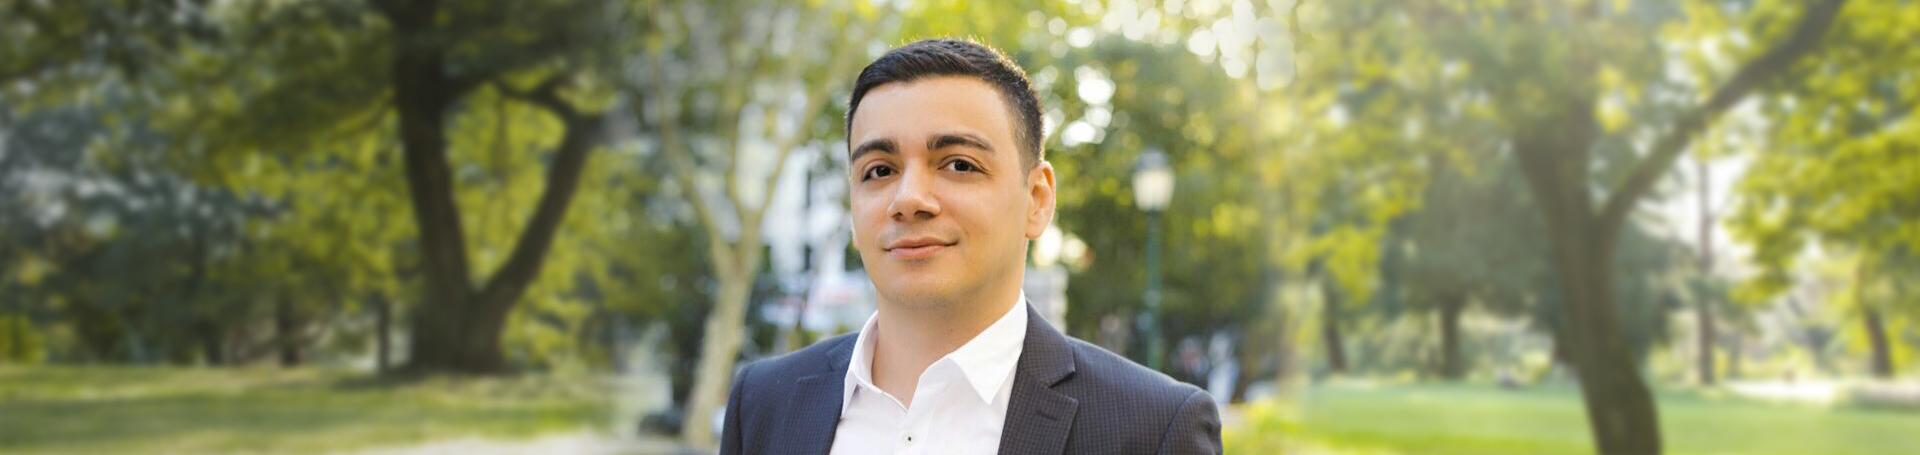 Educadores do século XXI – entrevista com Fernando Mesquita